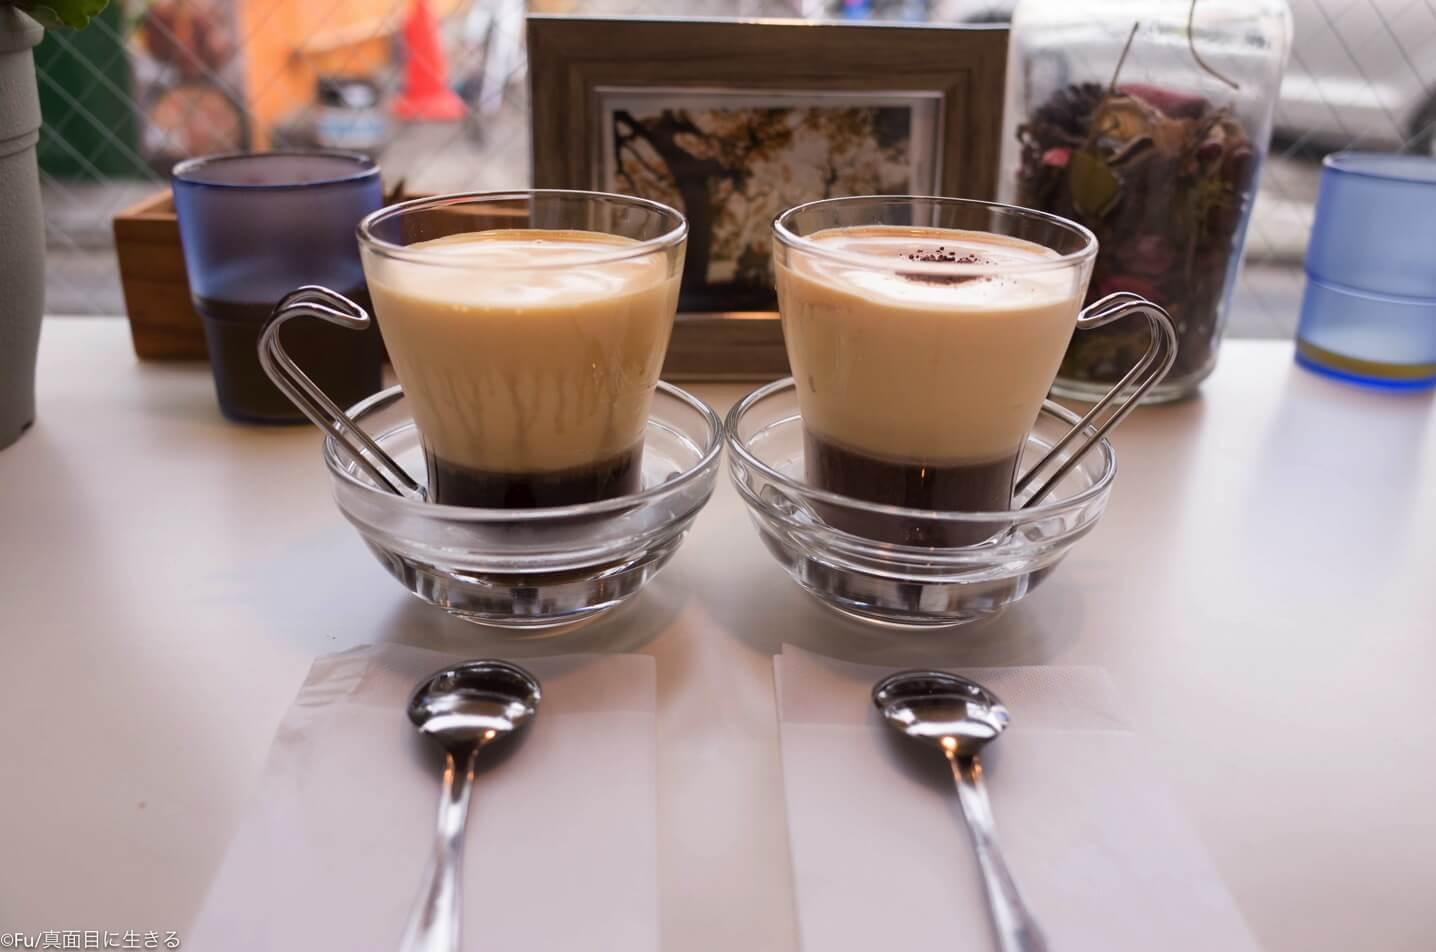 エッグコーヒー 横から見た